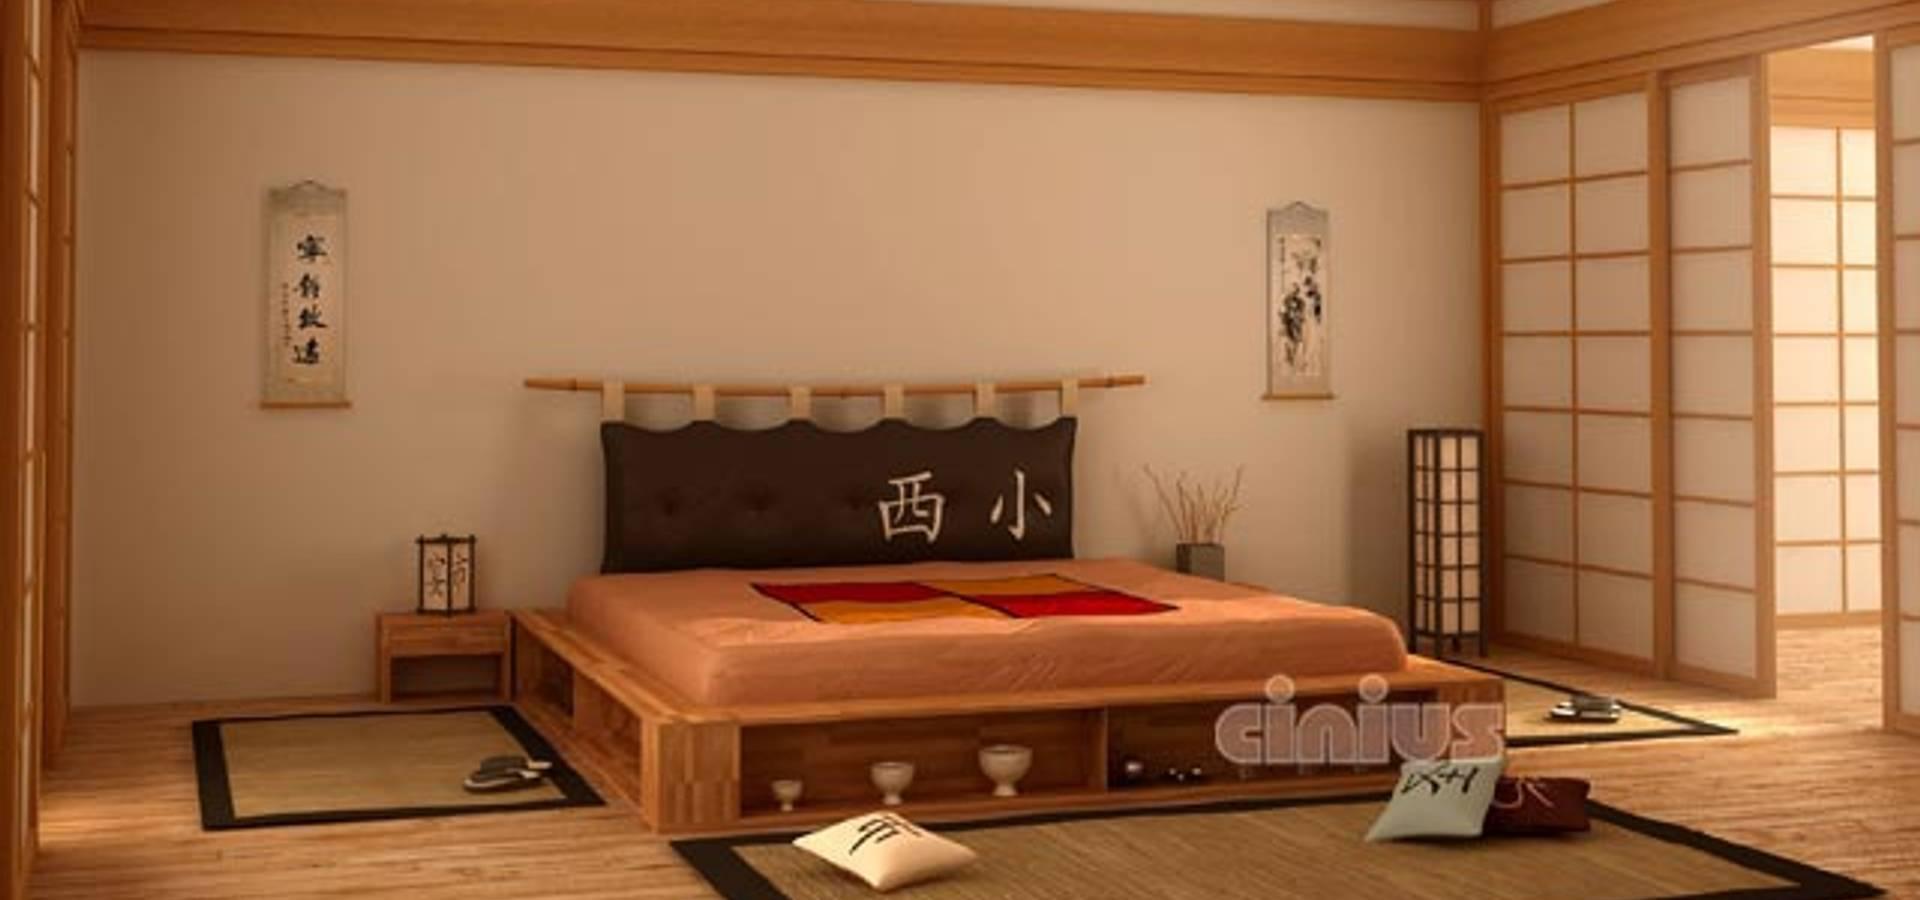 Interior design come arredare con mobili giapponesi di for Mobili di design d occasione